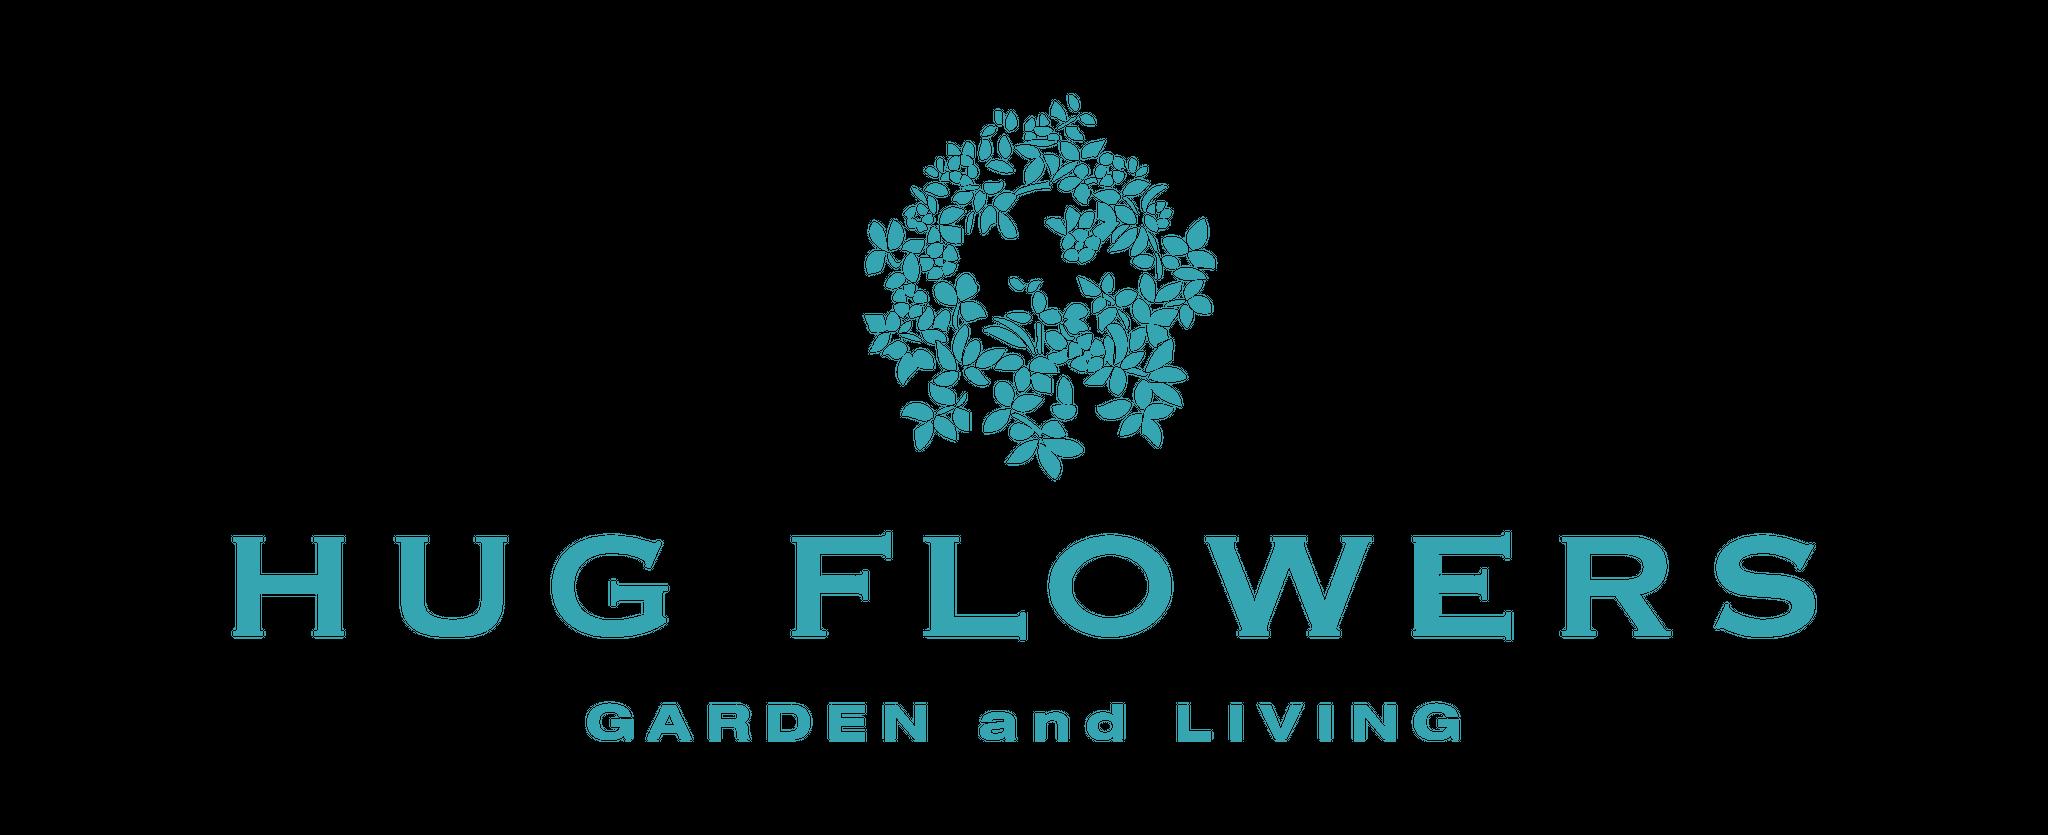 【花のプレゼント・ギフトフラワー】HUG FLOWERS-花束、フラワーアレンジメント、ブーケなどお花のプレゼントの通販